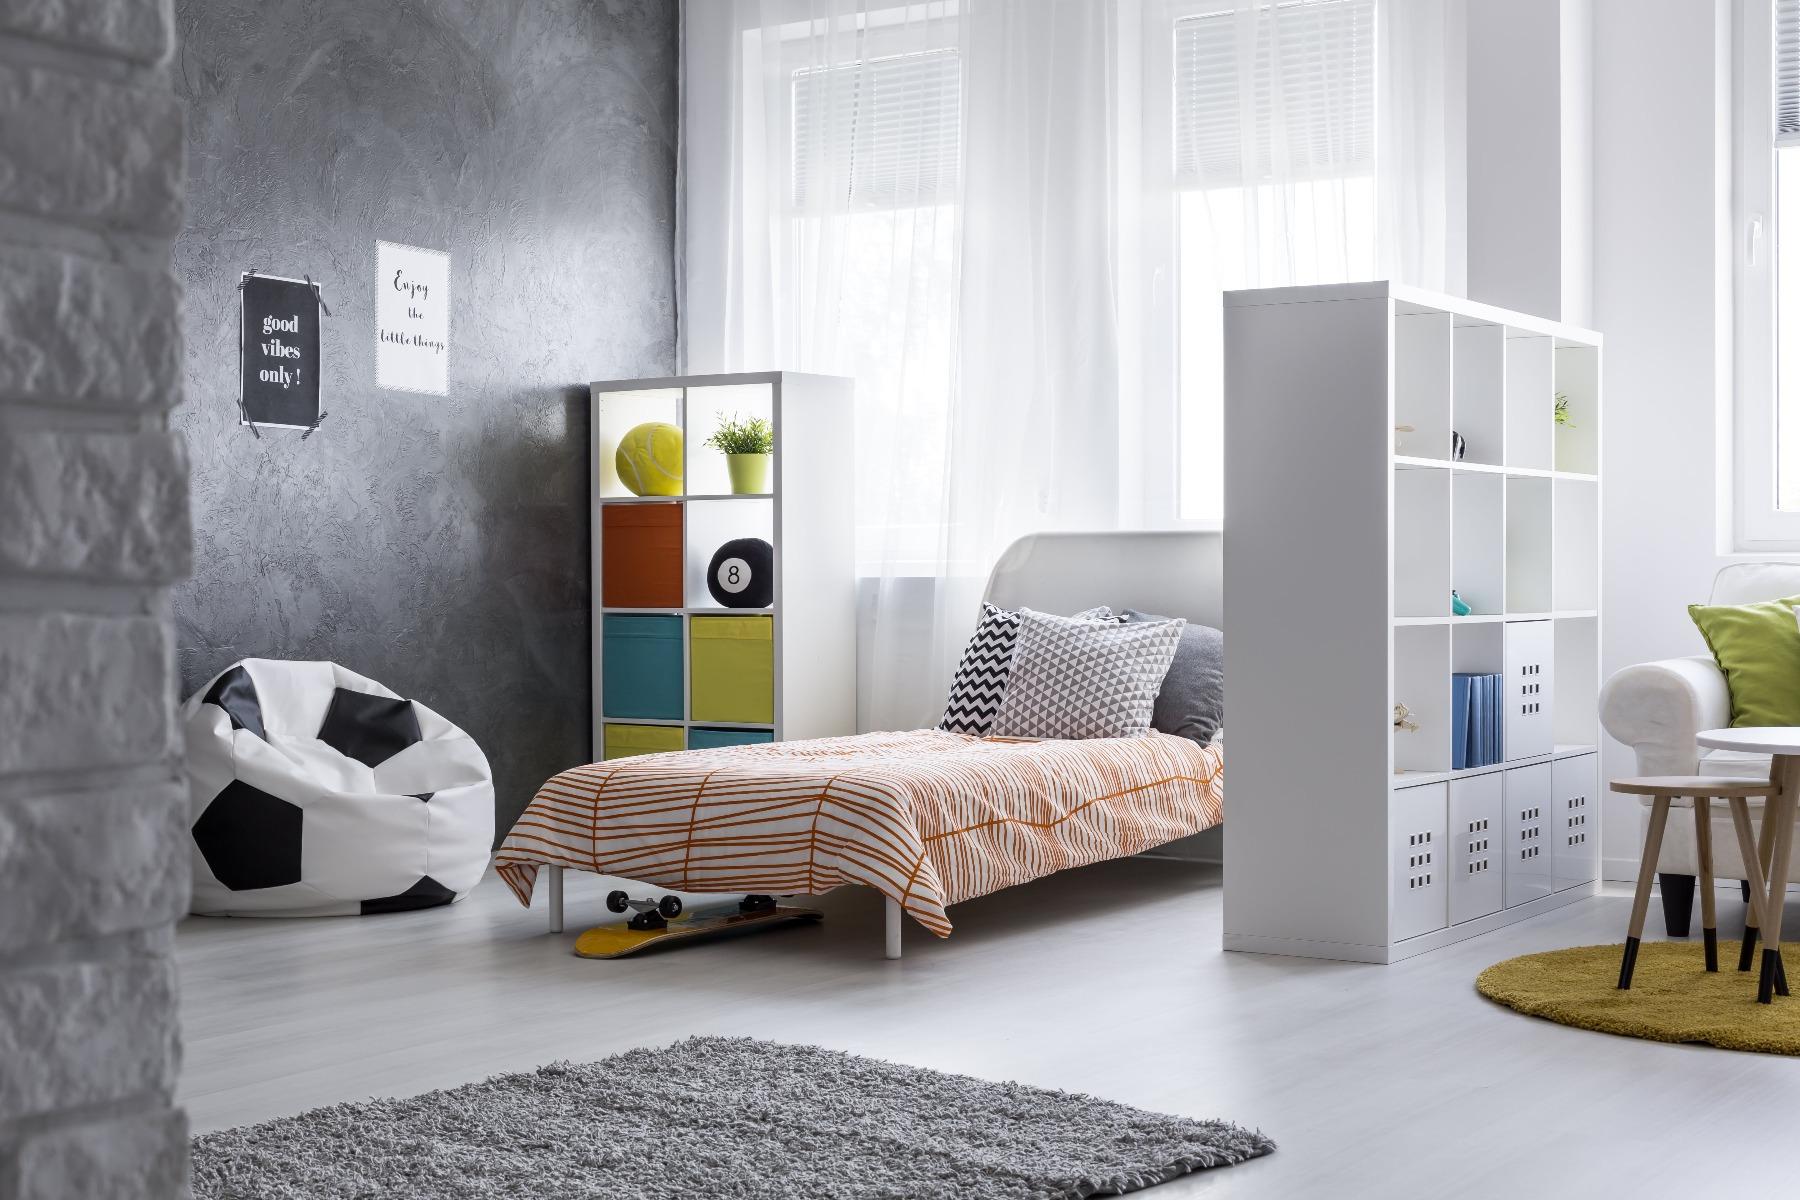 Das Bild zeigt ein Jugendzimmer.